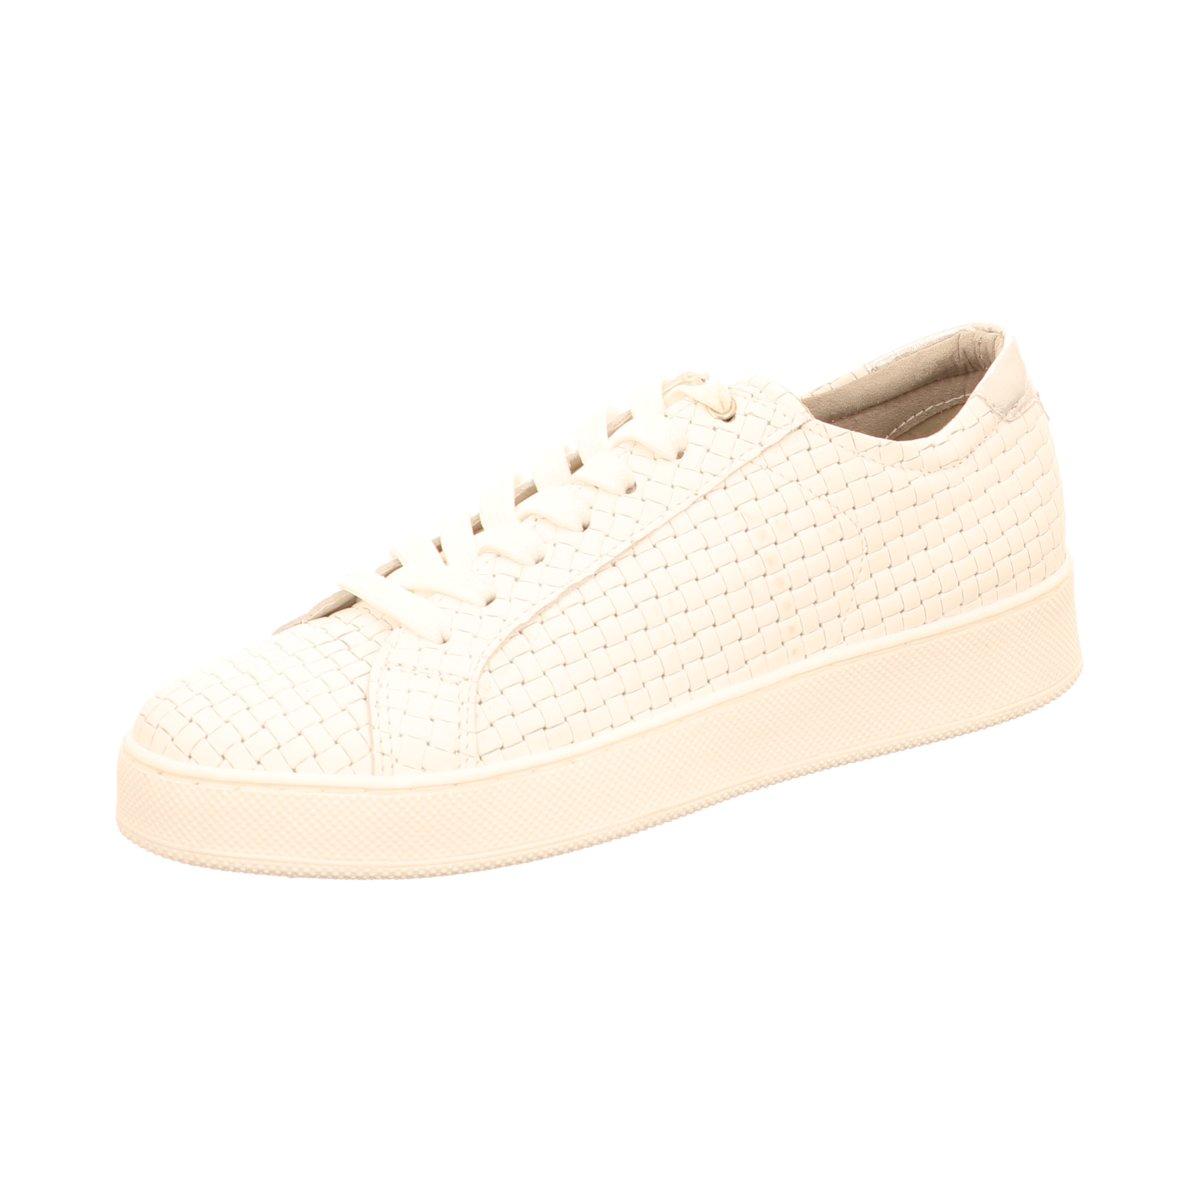 Tamaris Damen Sneaker günstig kaufen | eBay